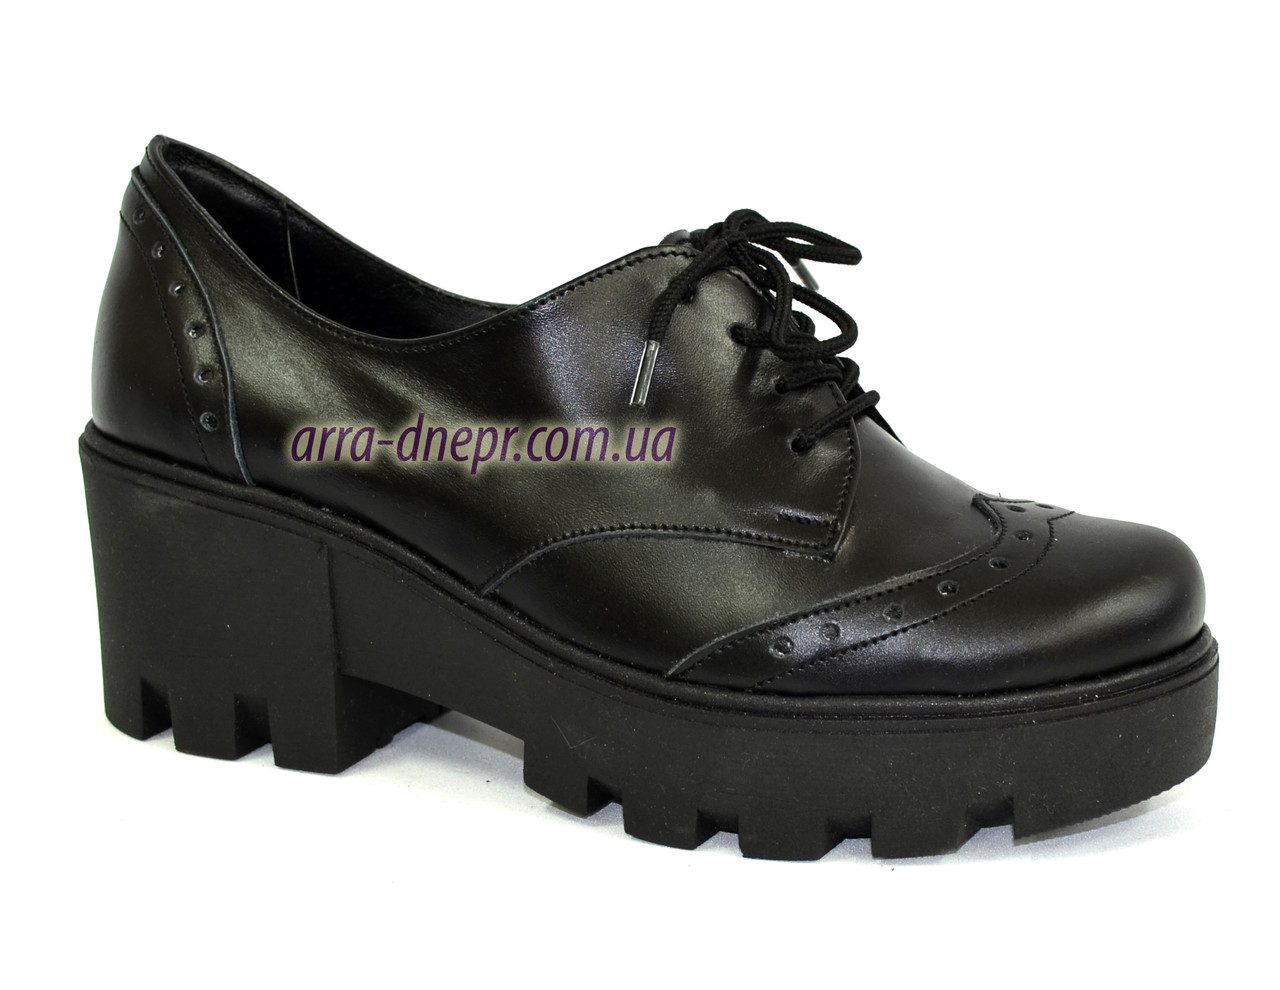 Женские туфли на шнуровке из натуральной кожи черного цвета, на платформе